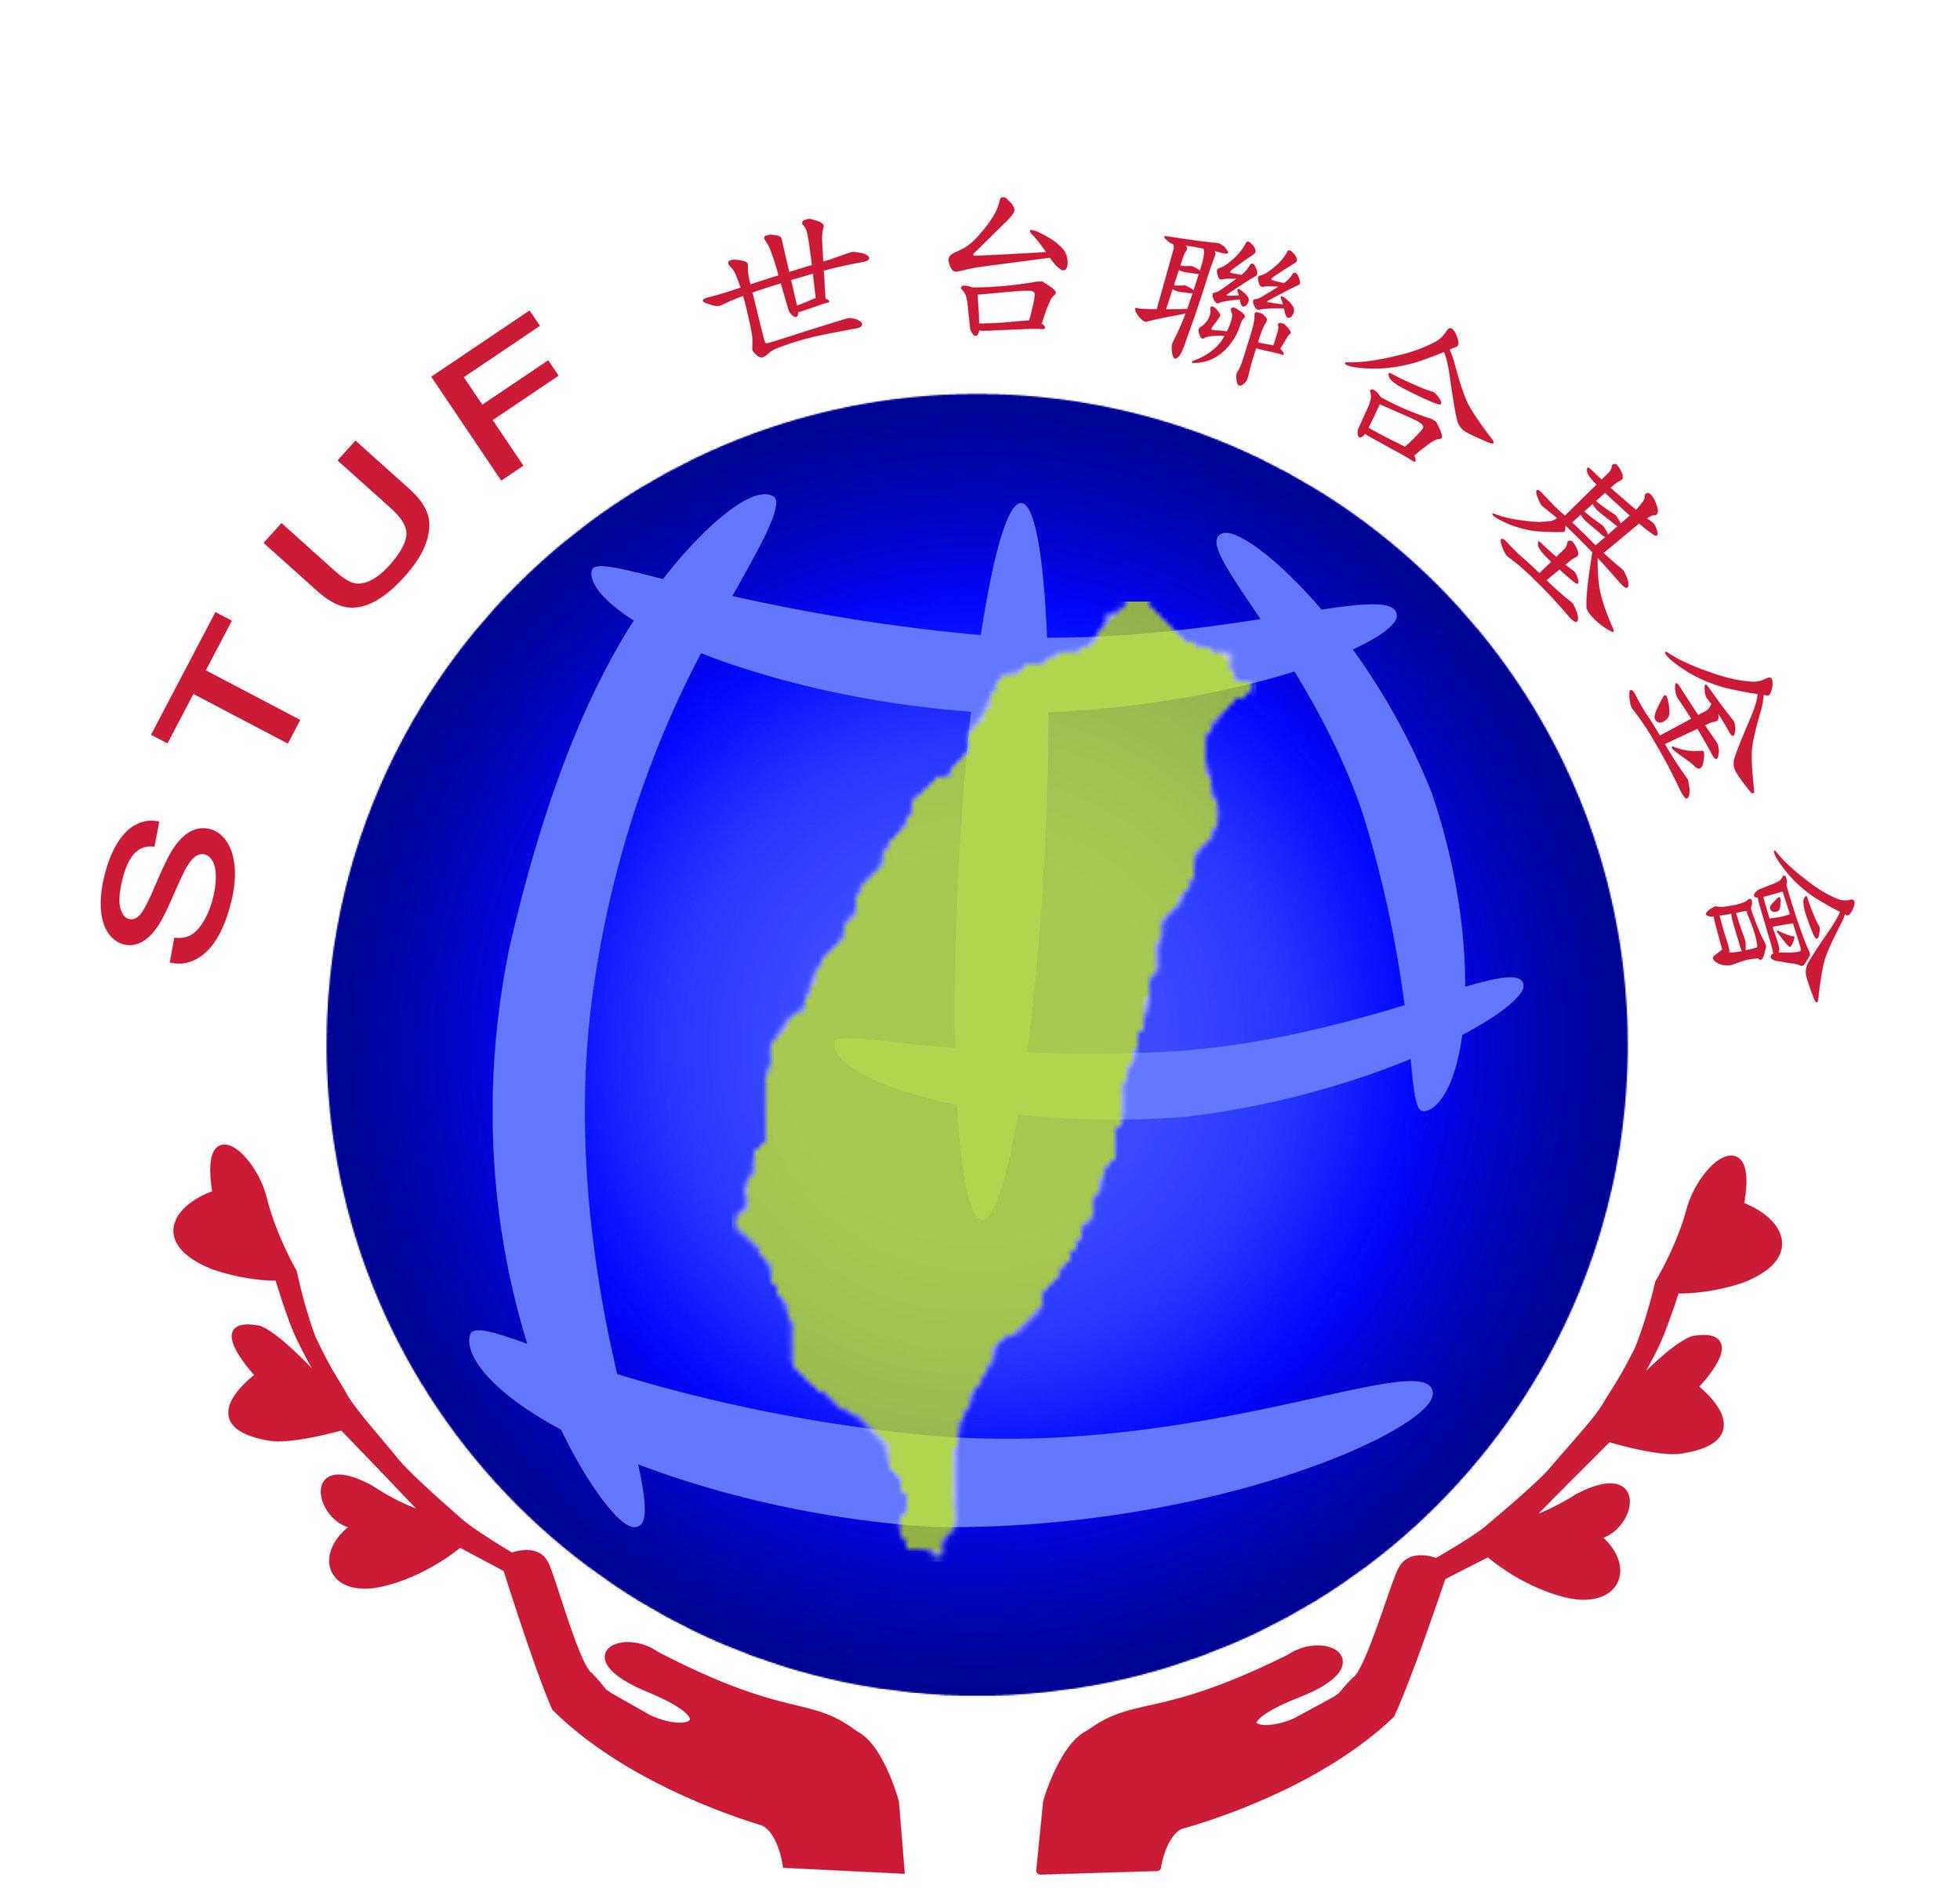 STUF logo large file.jpg